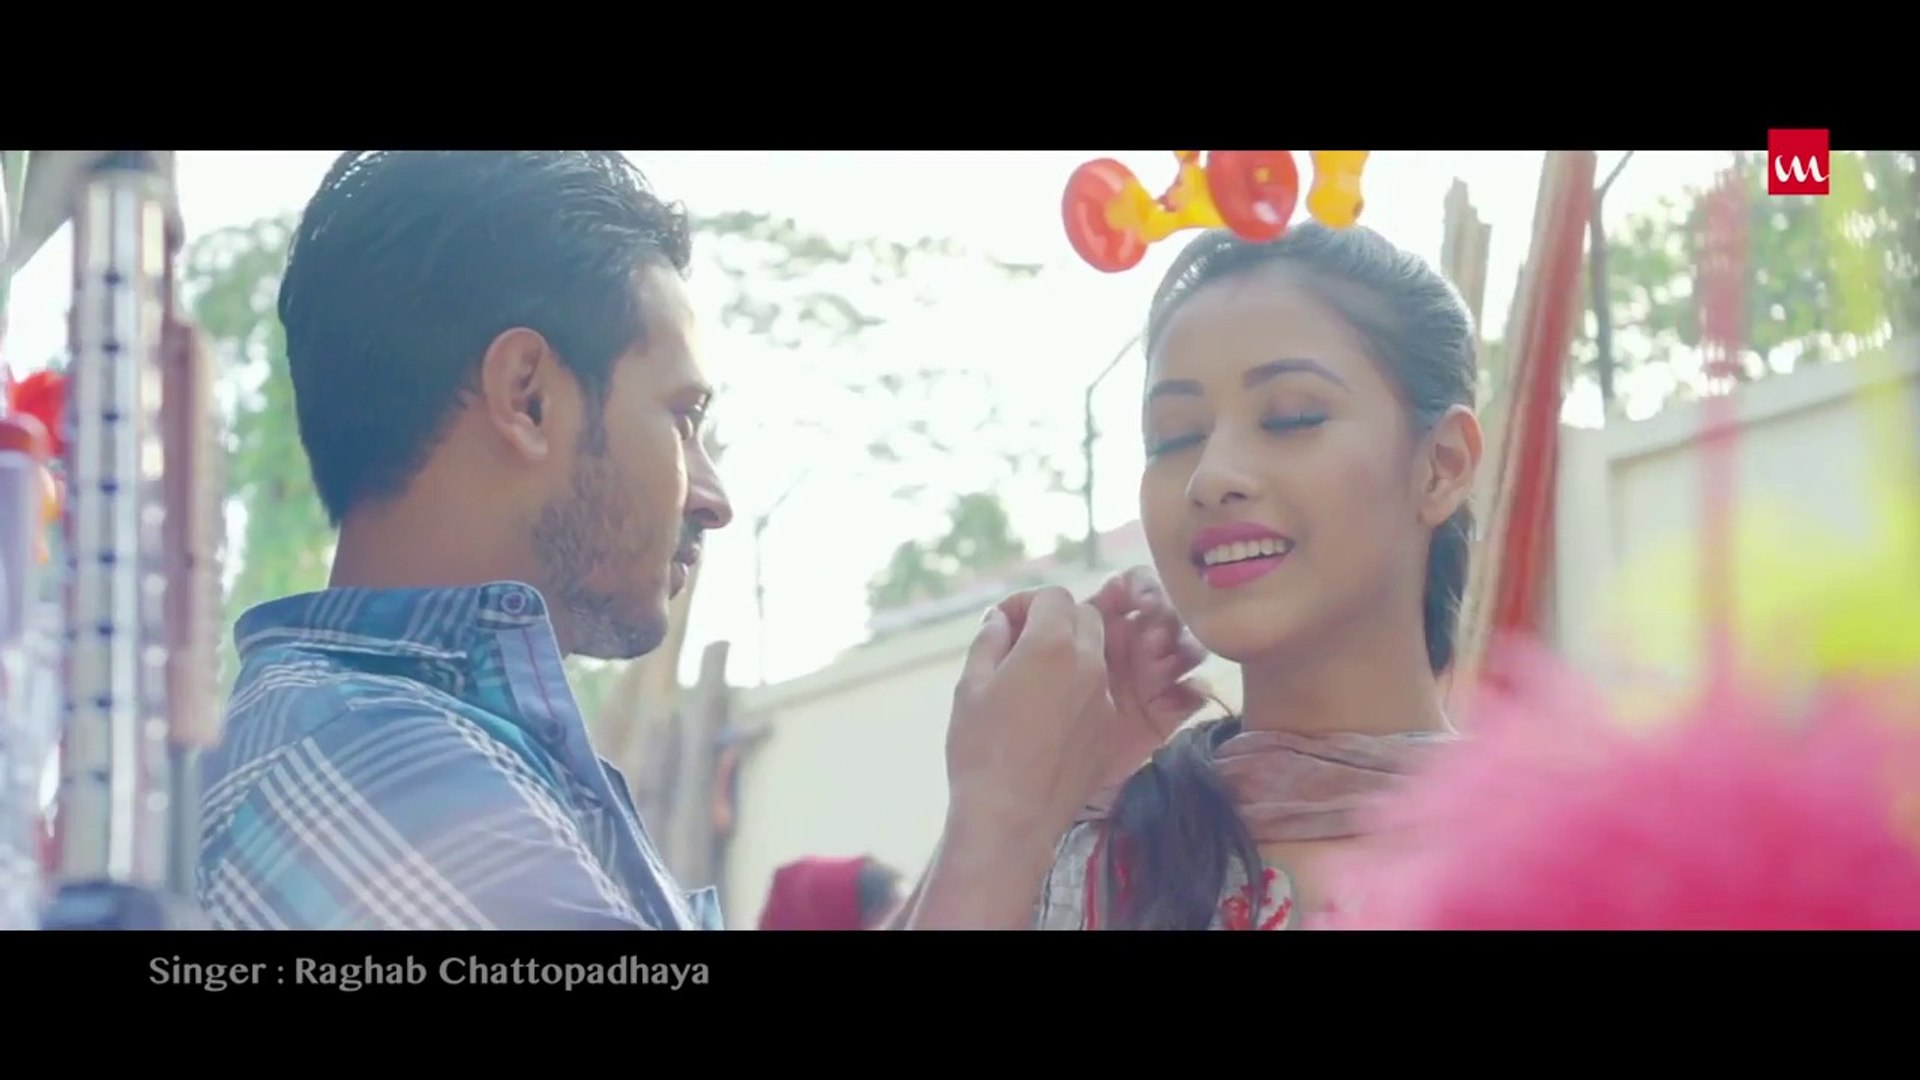 Bangla Song Moner Vitor Moner Manush - Raghab Chatterjee - Zulfiqer Russell  - Music Video